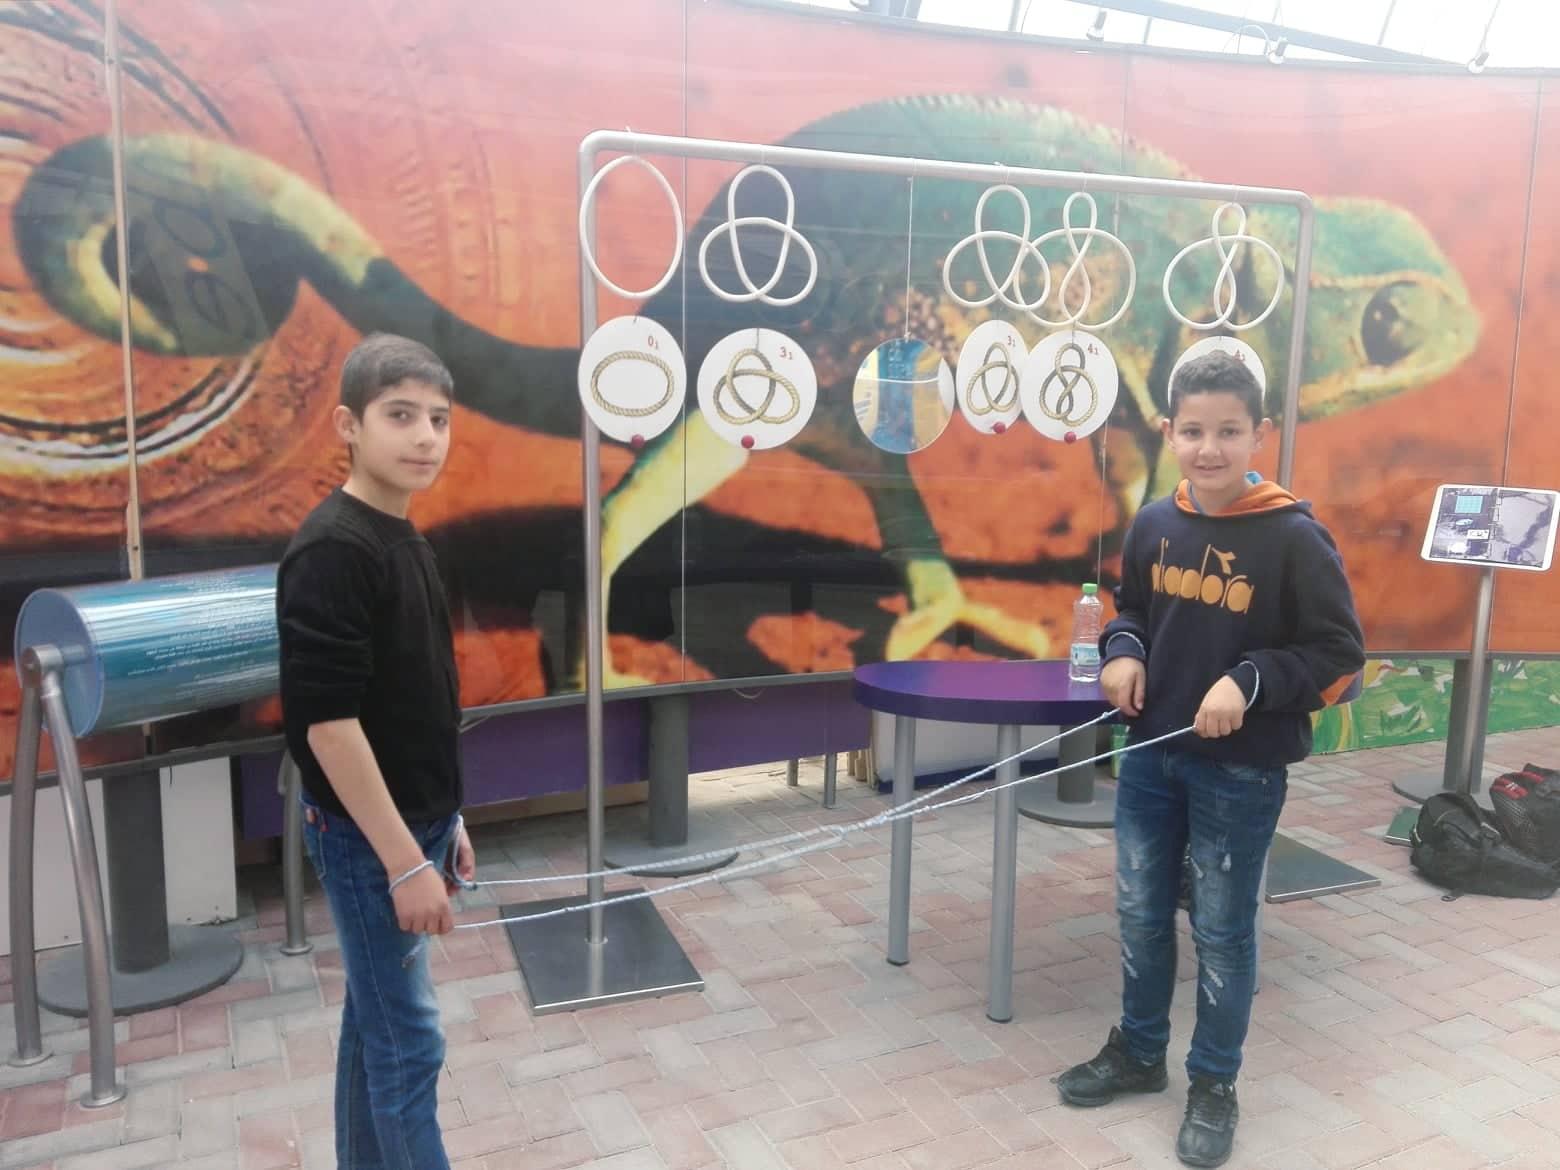 رحلة تعليمية لمتحف الرياضيات والعلوم في جامعة القدس